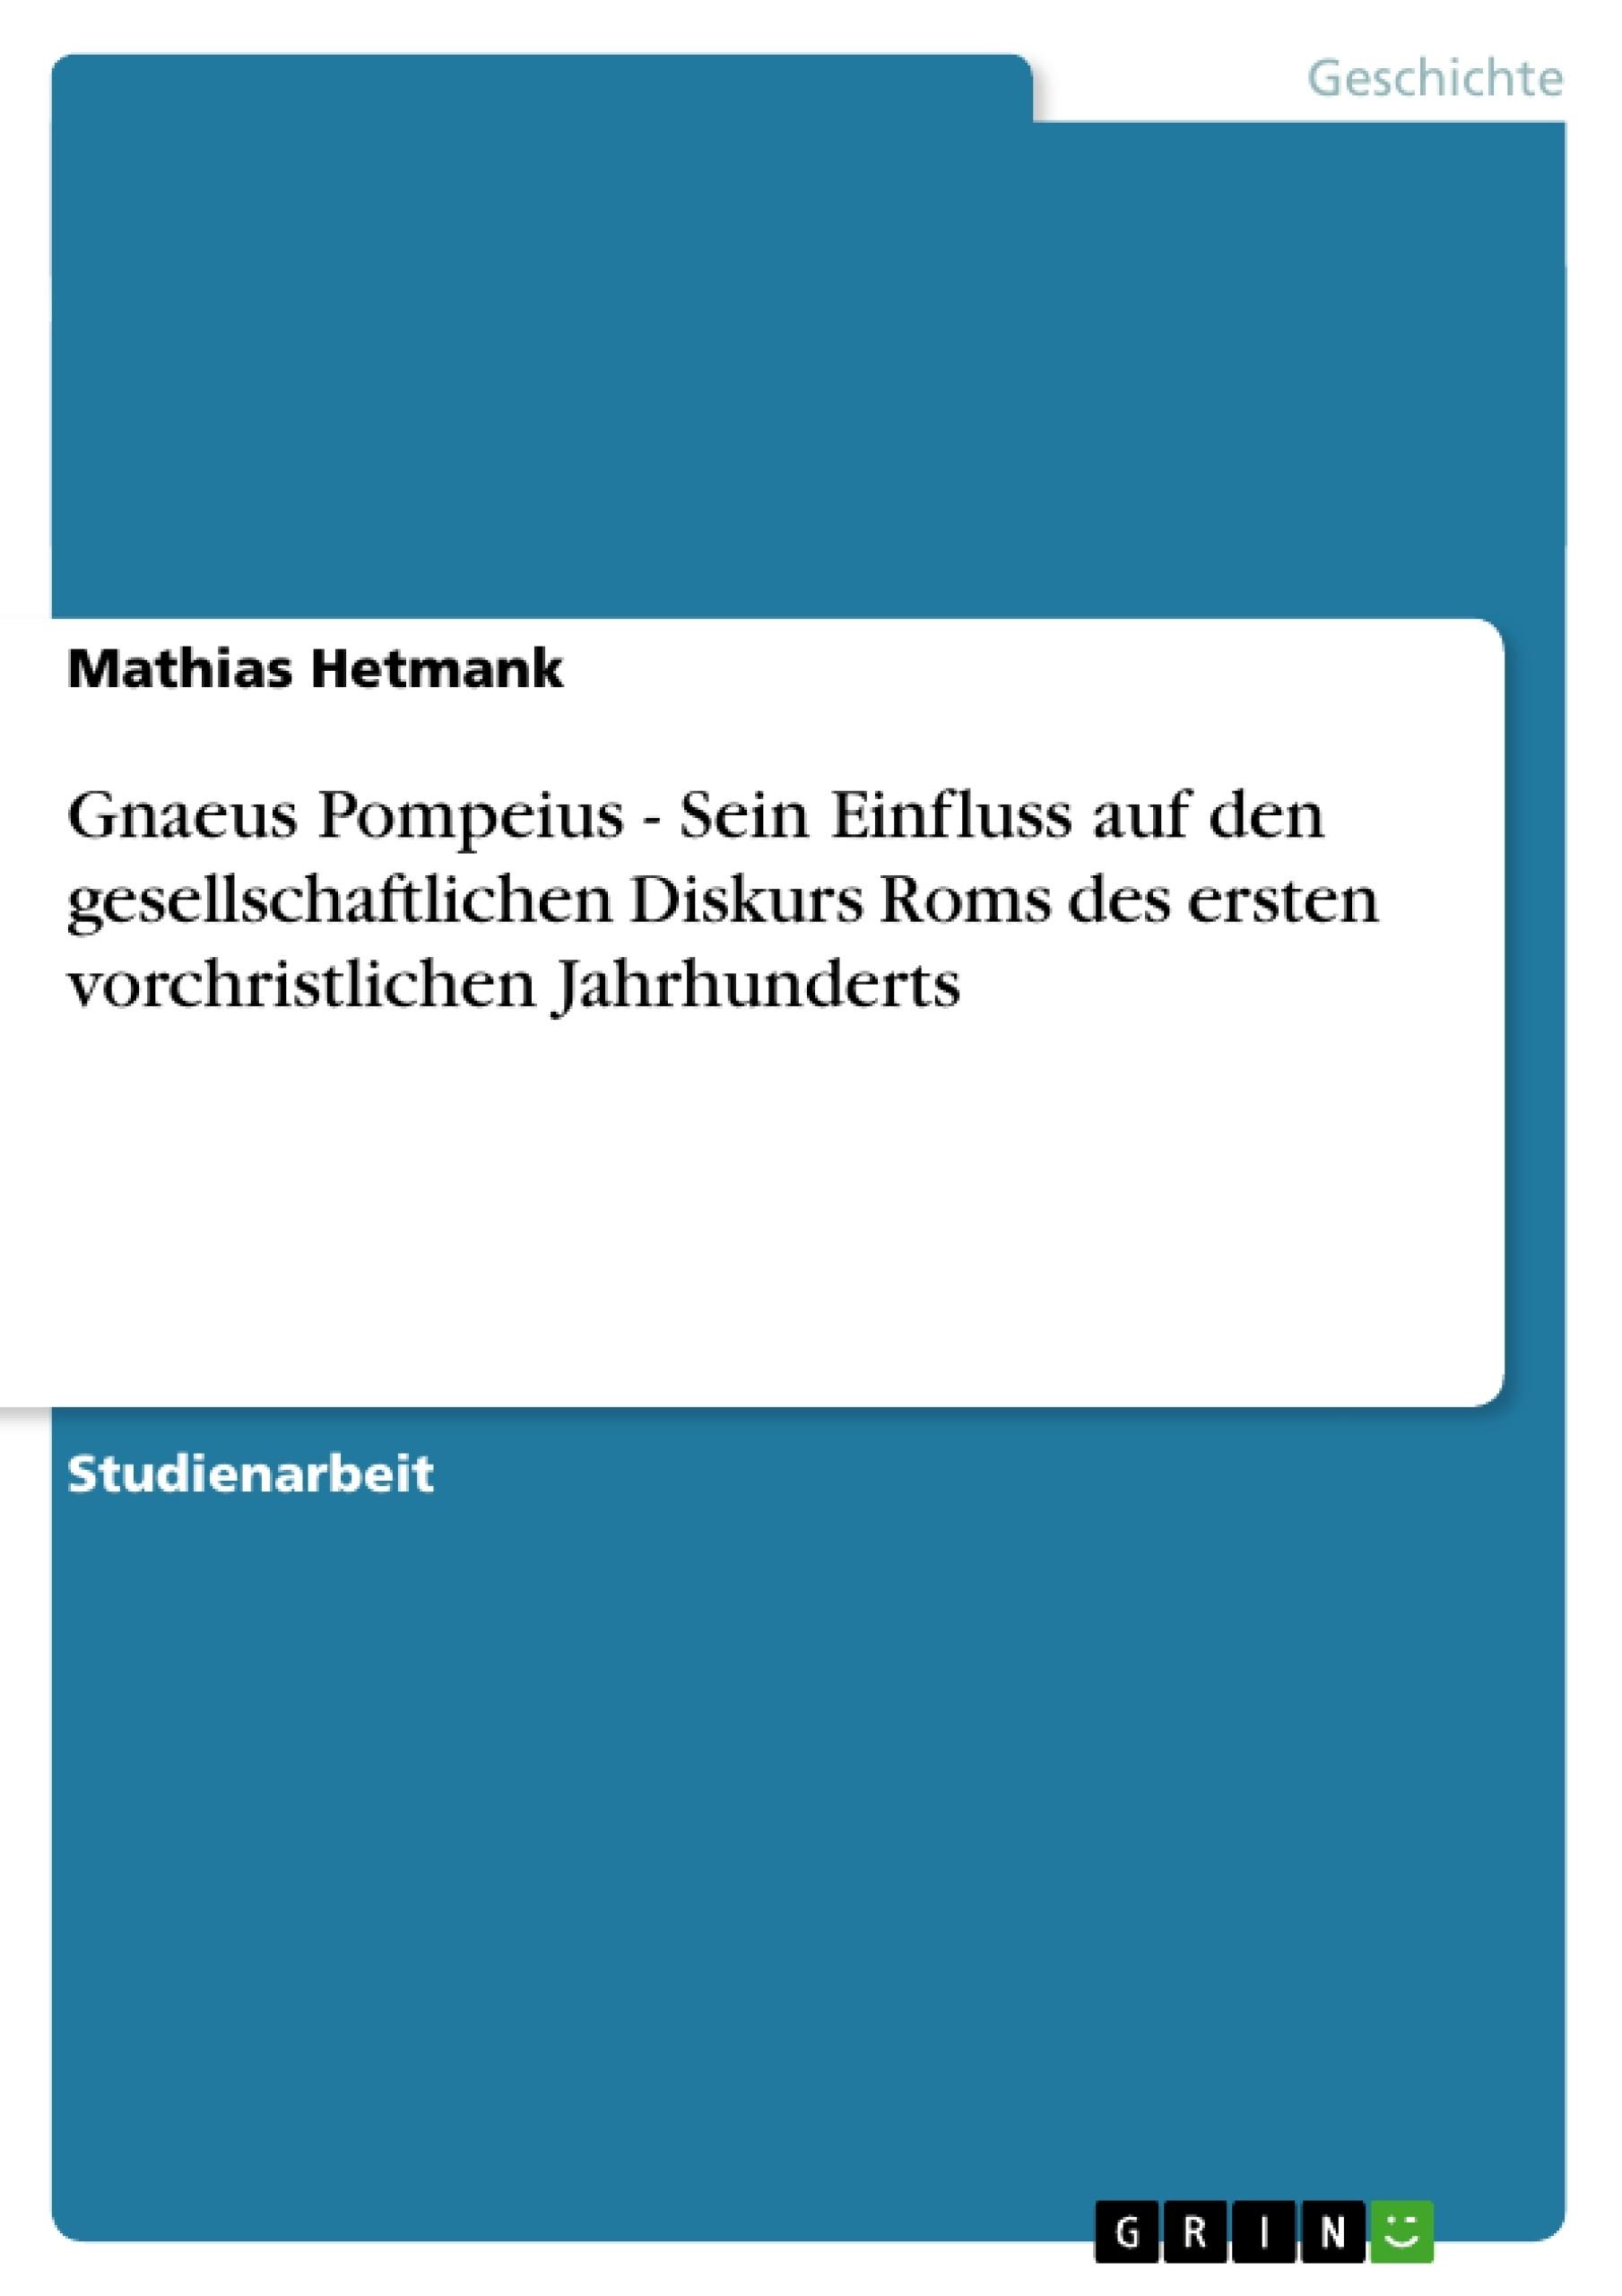 Titel: Gnaeus Pompeius - Sein Einfluss auf den gesellschaftlichen Diskurs Roms des ersten vorchristlichen Jahrhunderts